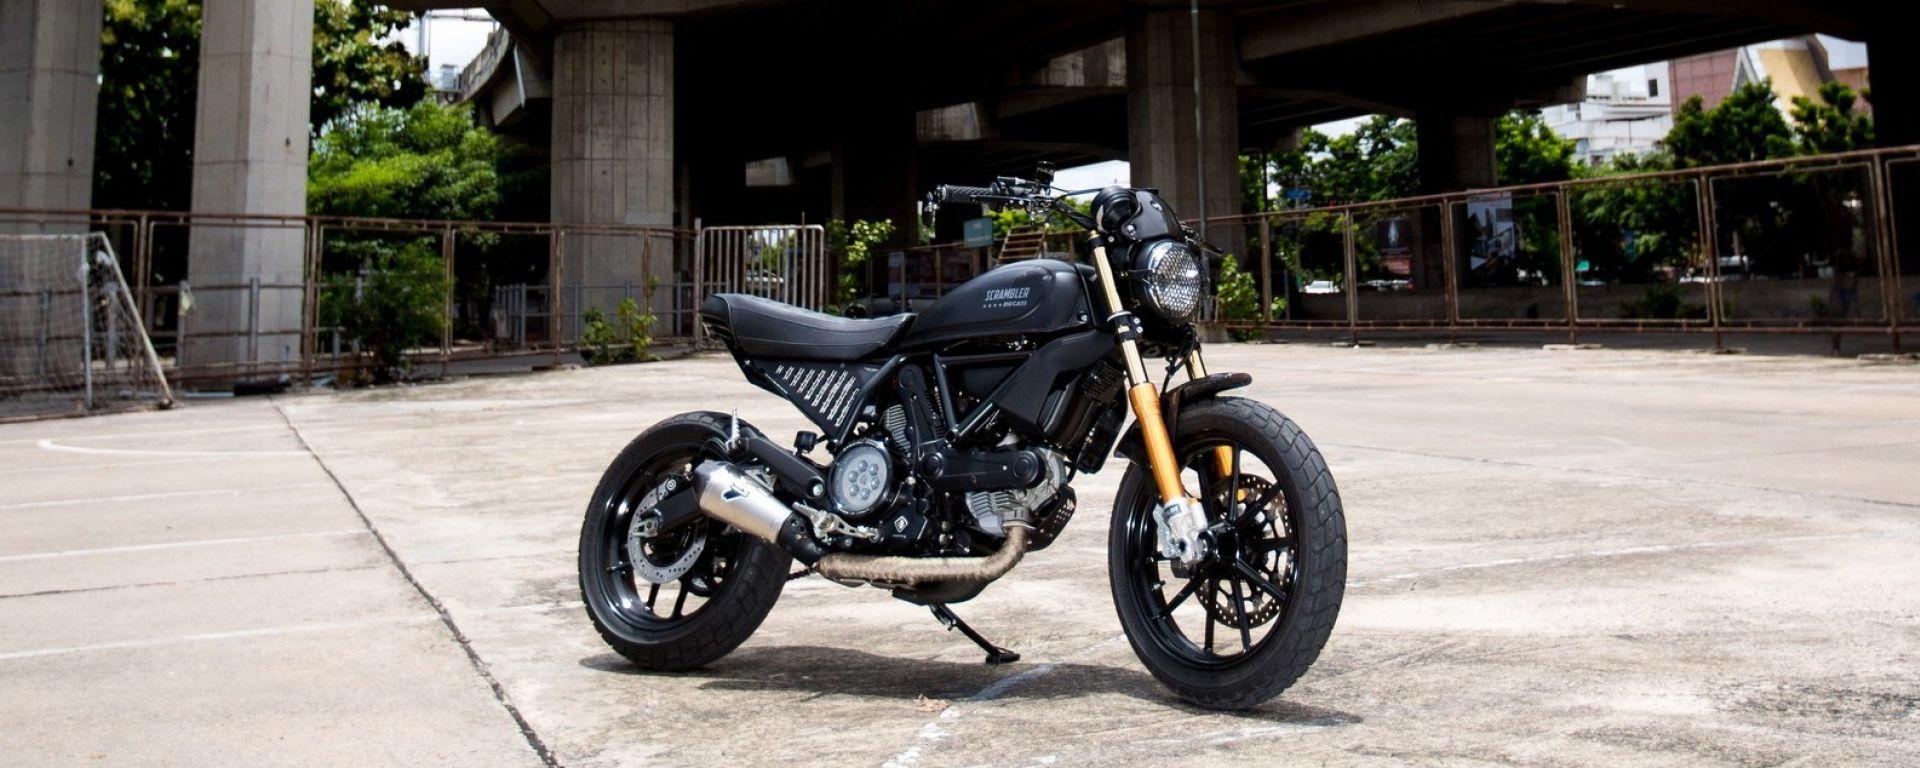 Ducati Scrambler Custom Rumble: la finalista Aree